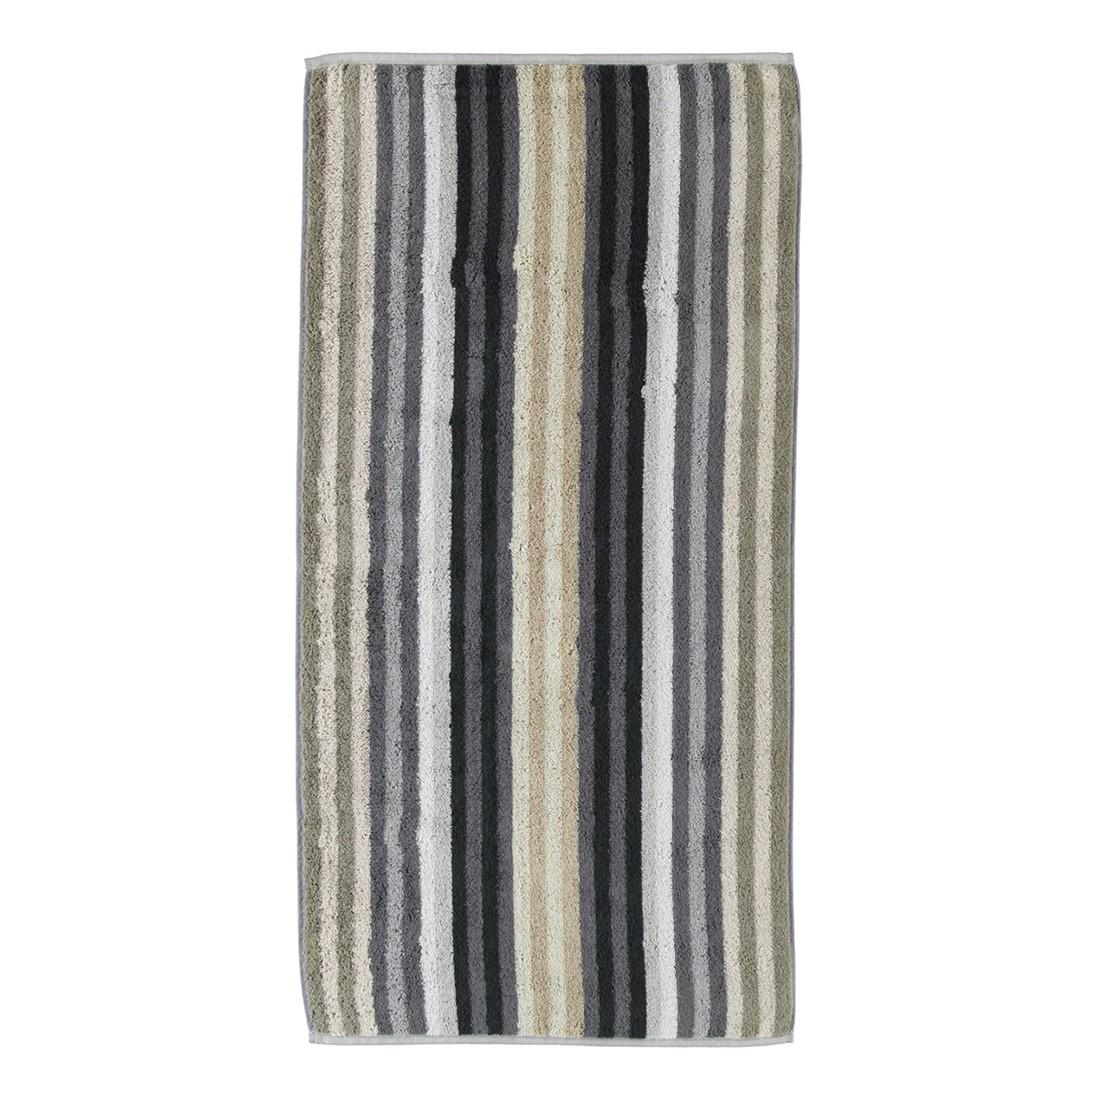 Handtuch Marrakesch – 100% Baumwolle stein – 33 – Handtuch: 50 x 100 cm, Cawö online bestellen